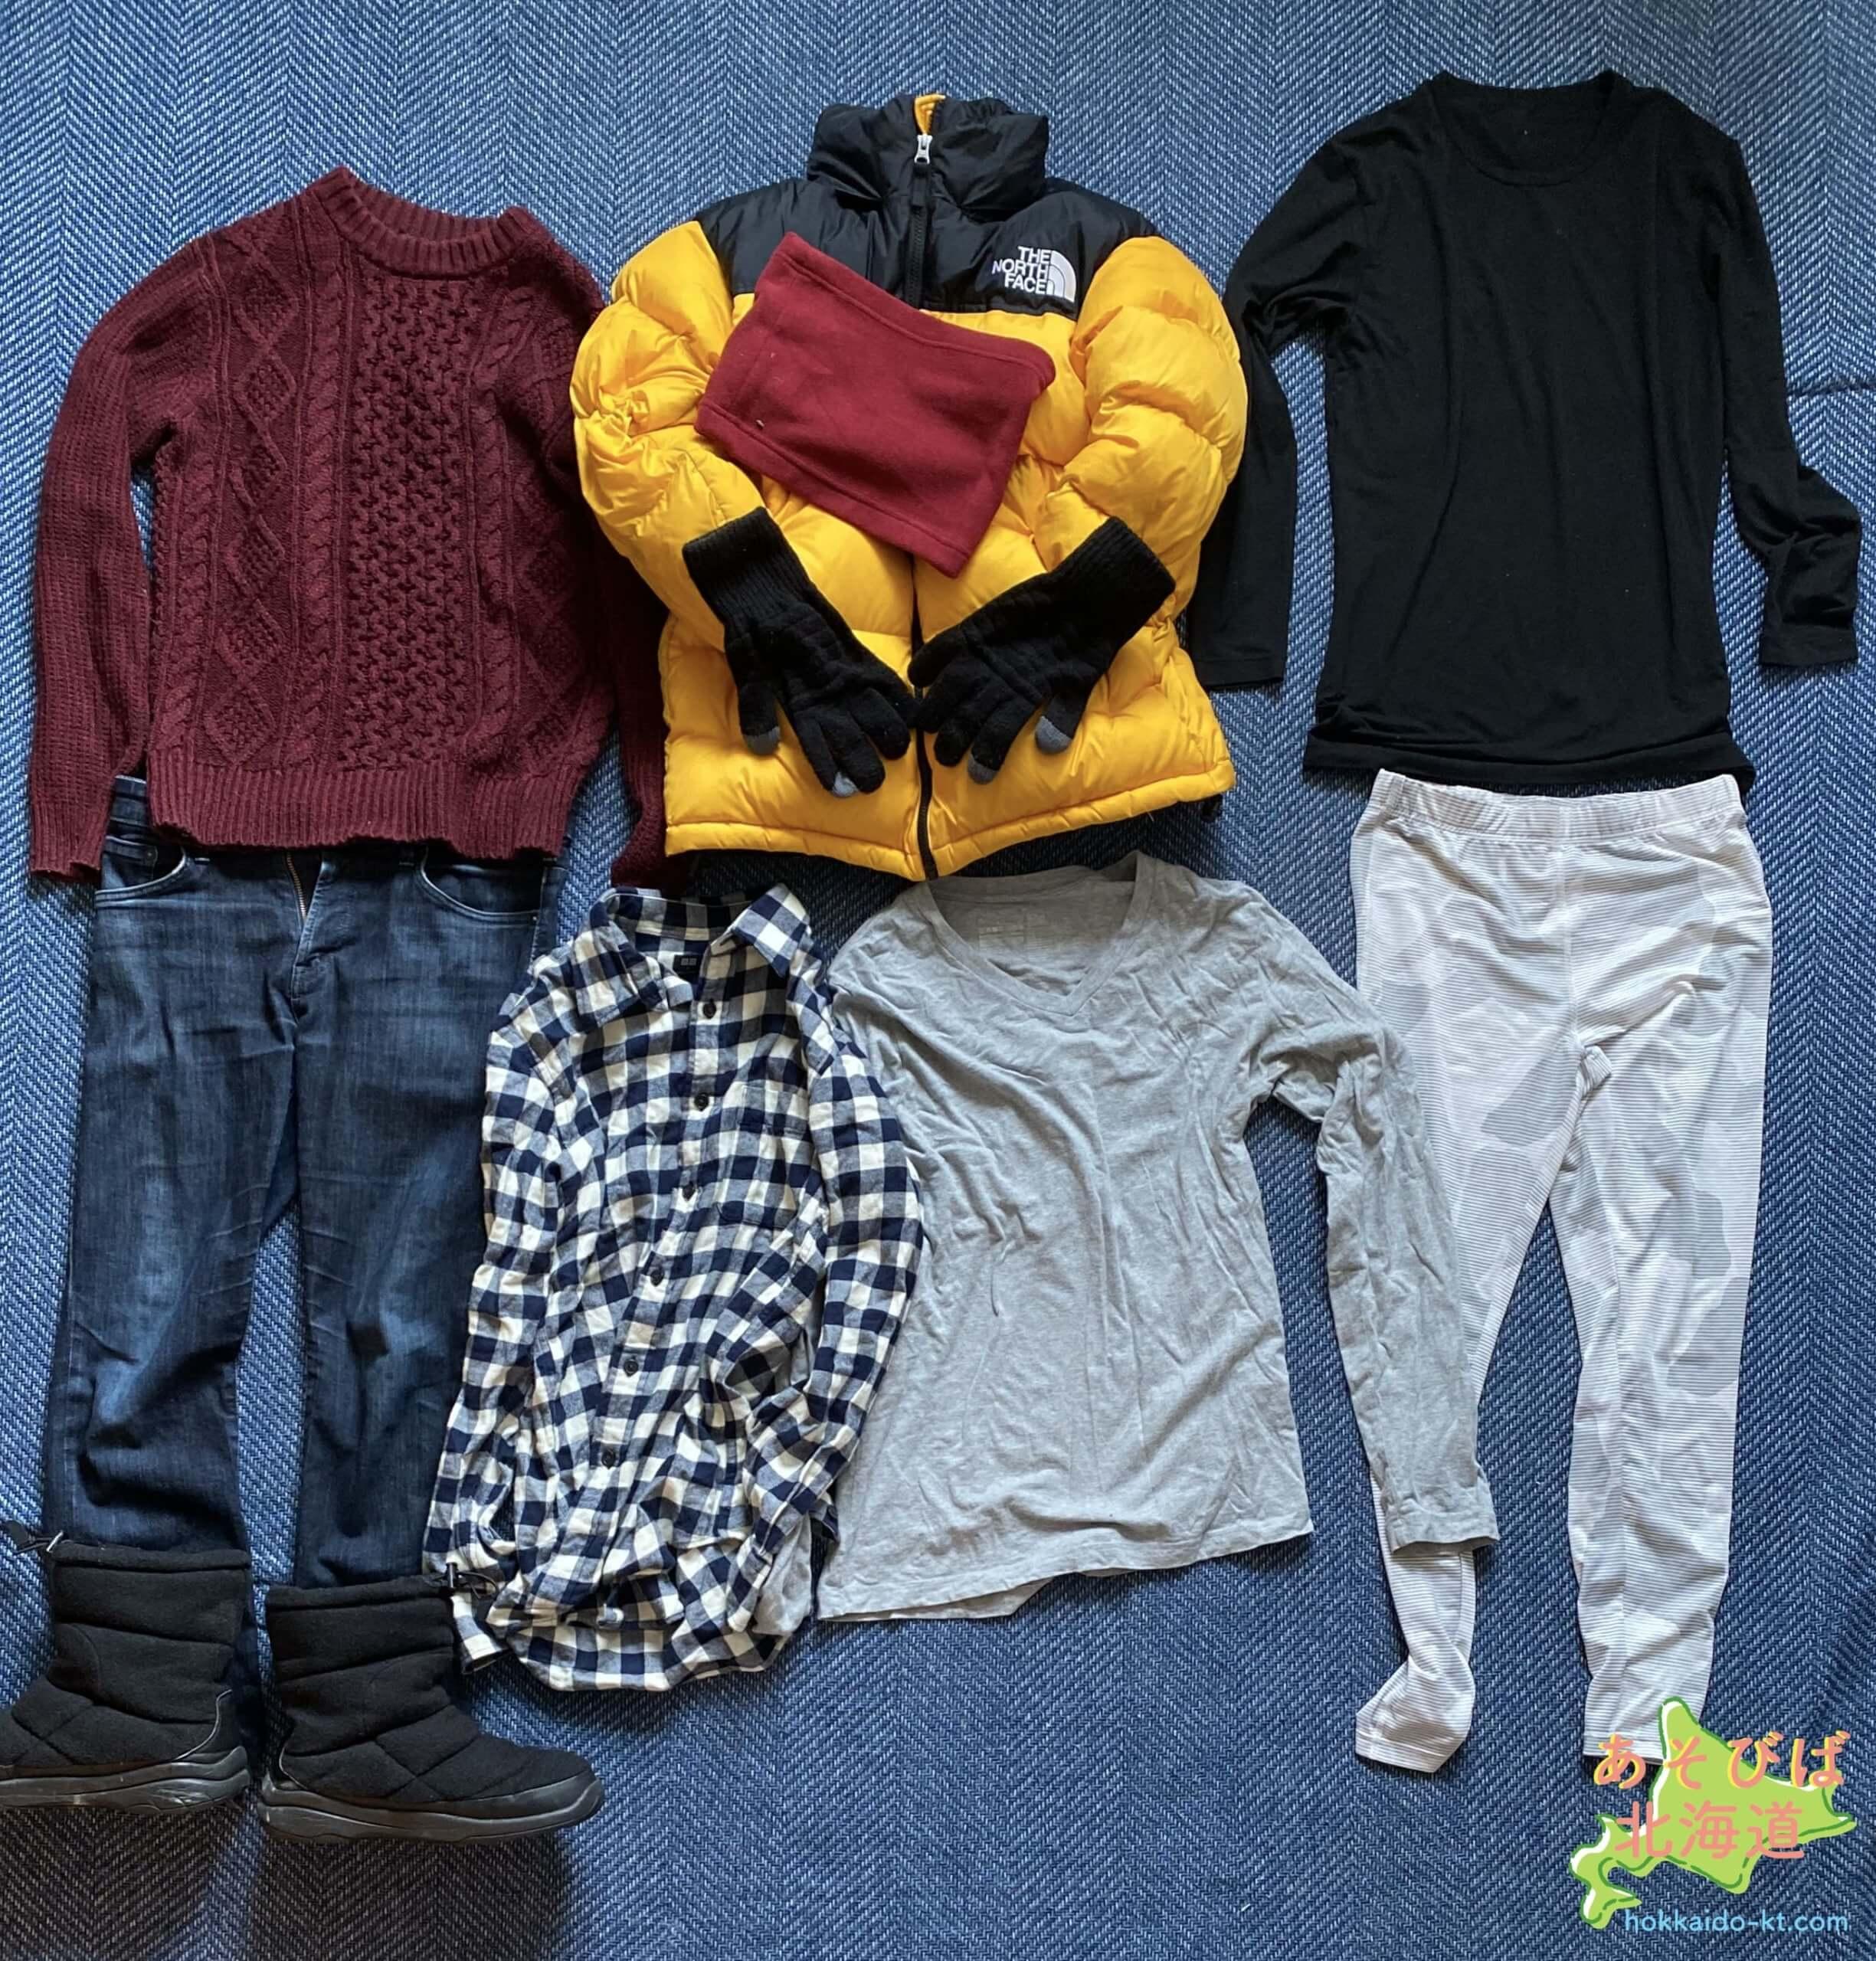 2月の北海道のおすすめの服装